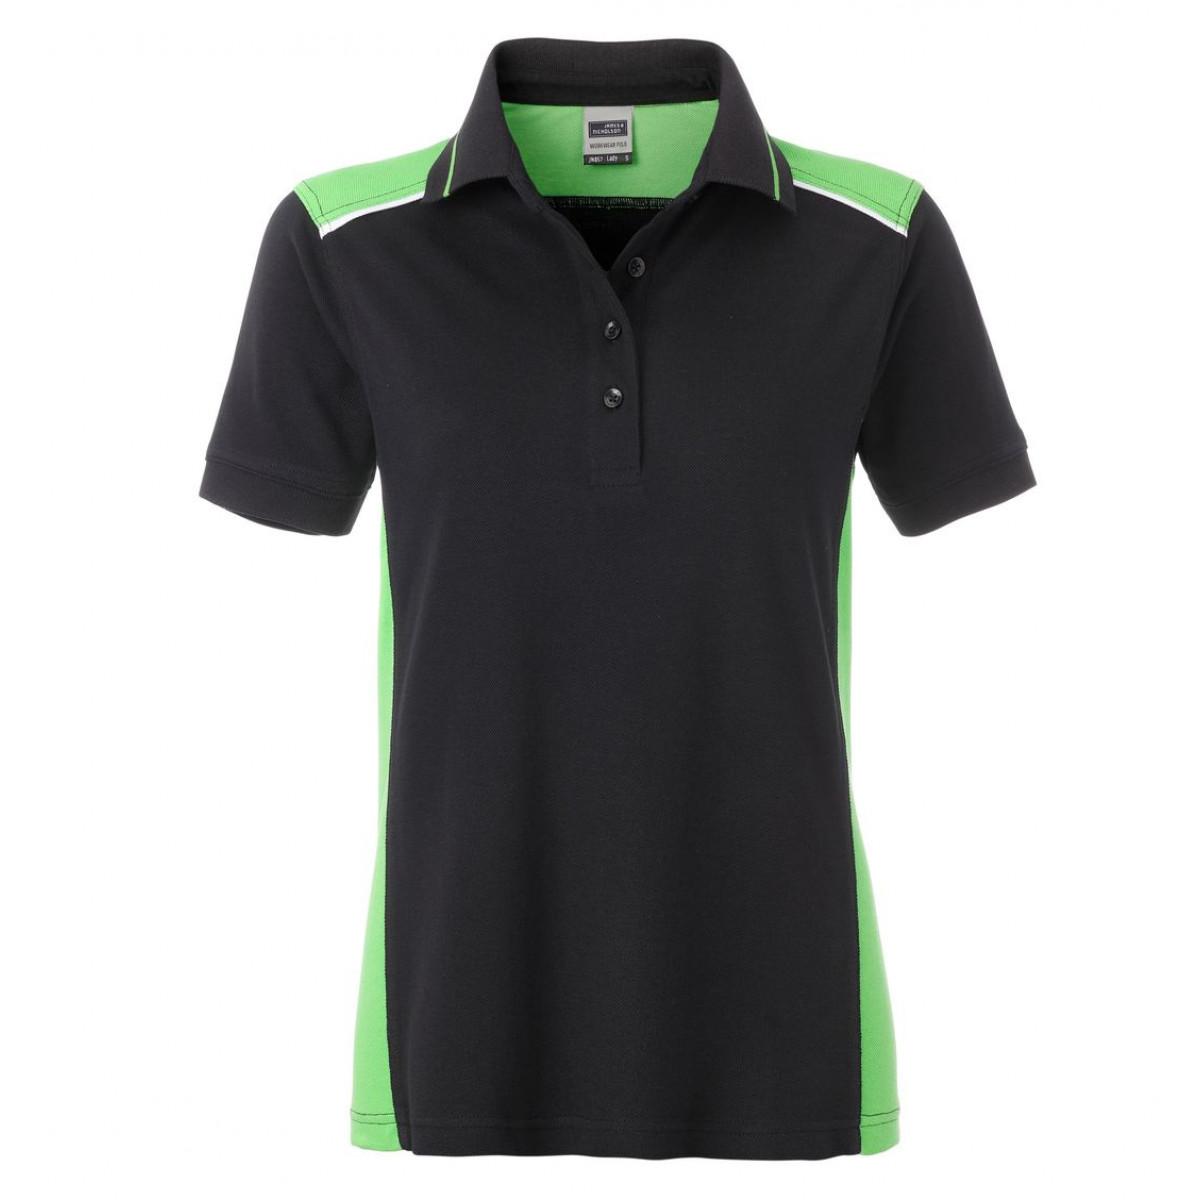 Рубашка поло женская JN857 Ladies Workwear Polo-Level 2 - Черный/Лайм